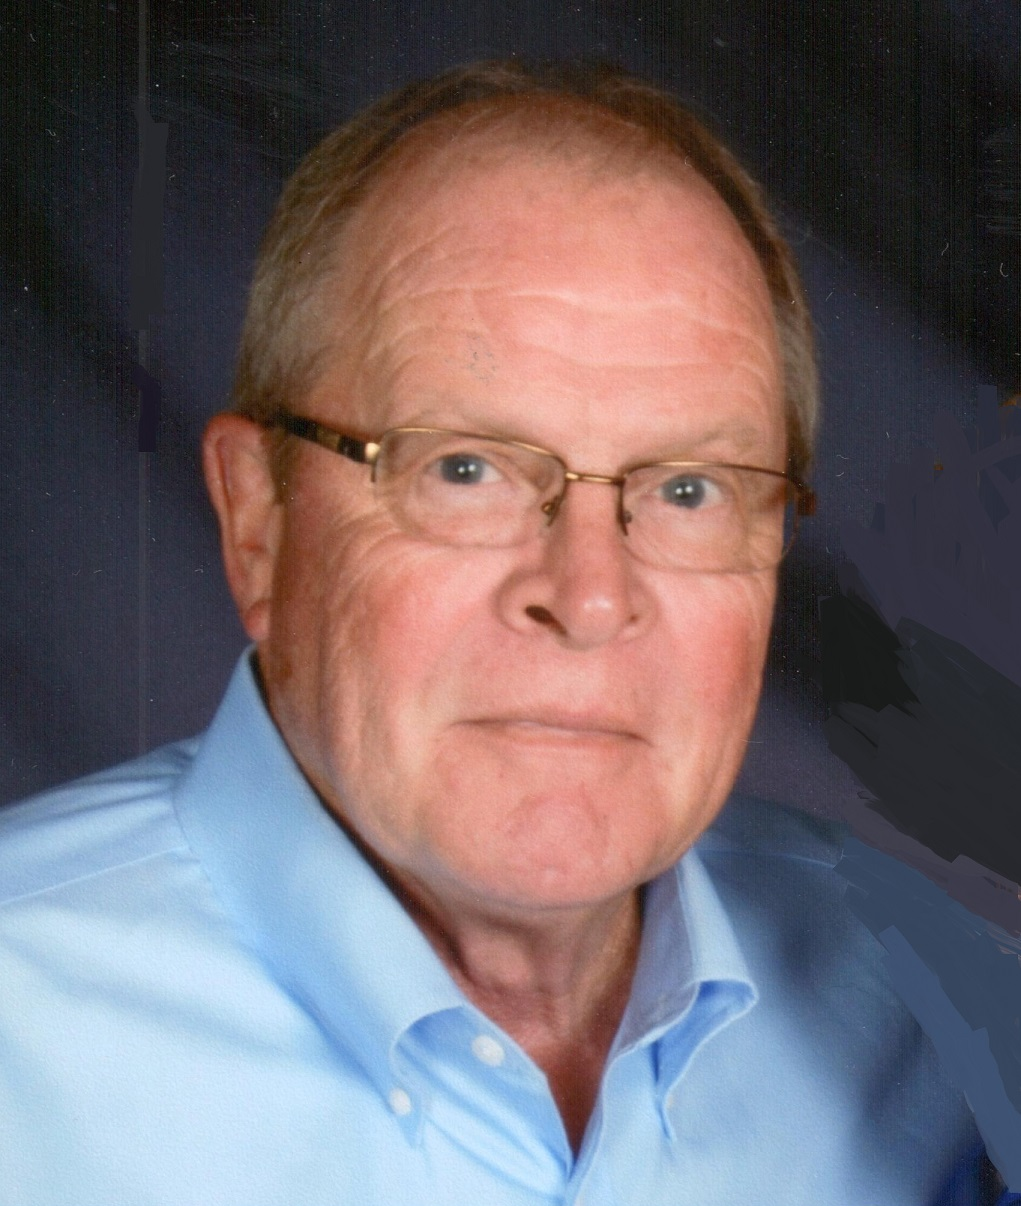 Michael J. Bohnert, age 66 of Jasper